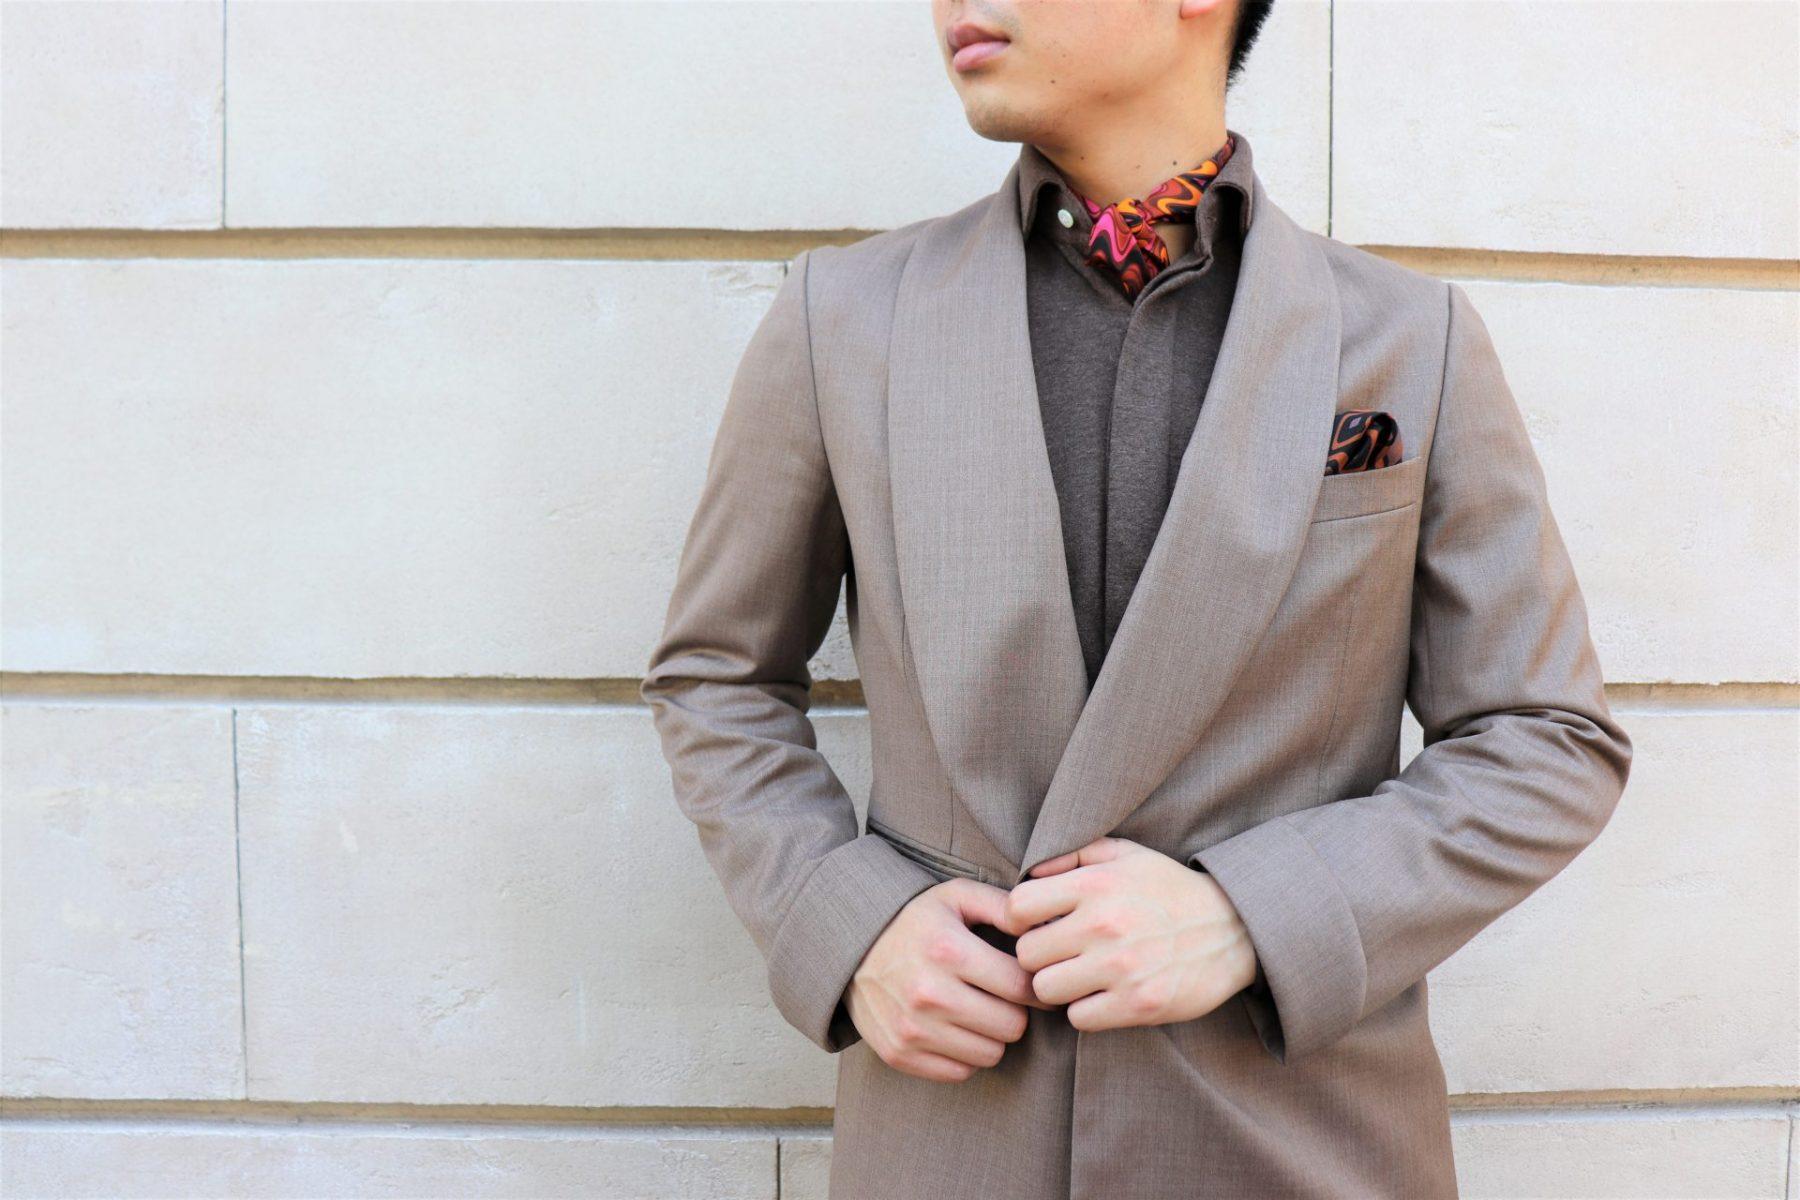 ・お洋服がお好きな方におすすめするダブルブレストのカジュアルスタイル